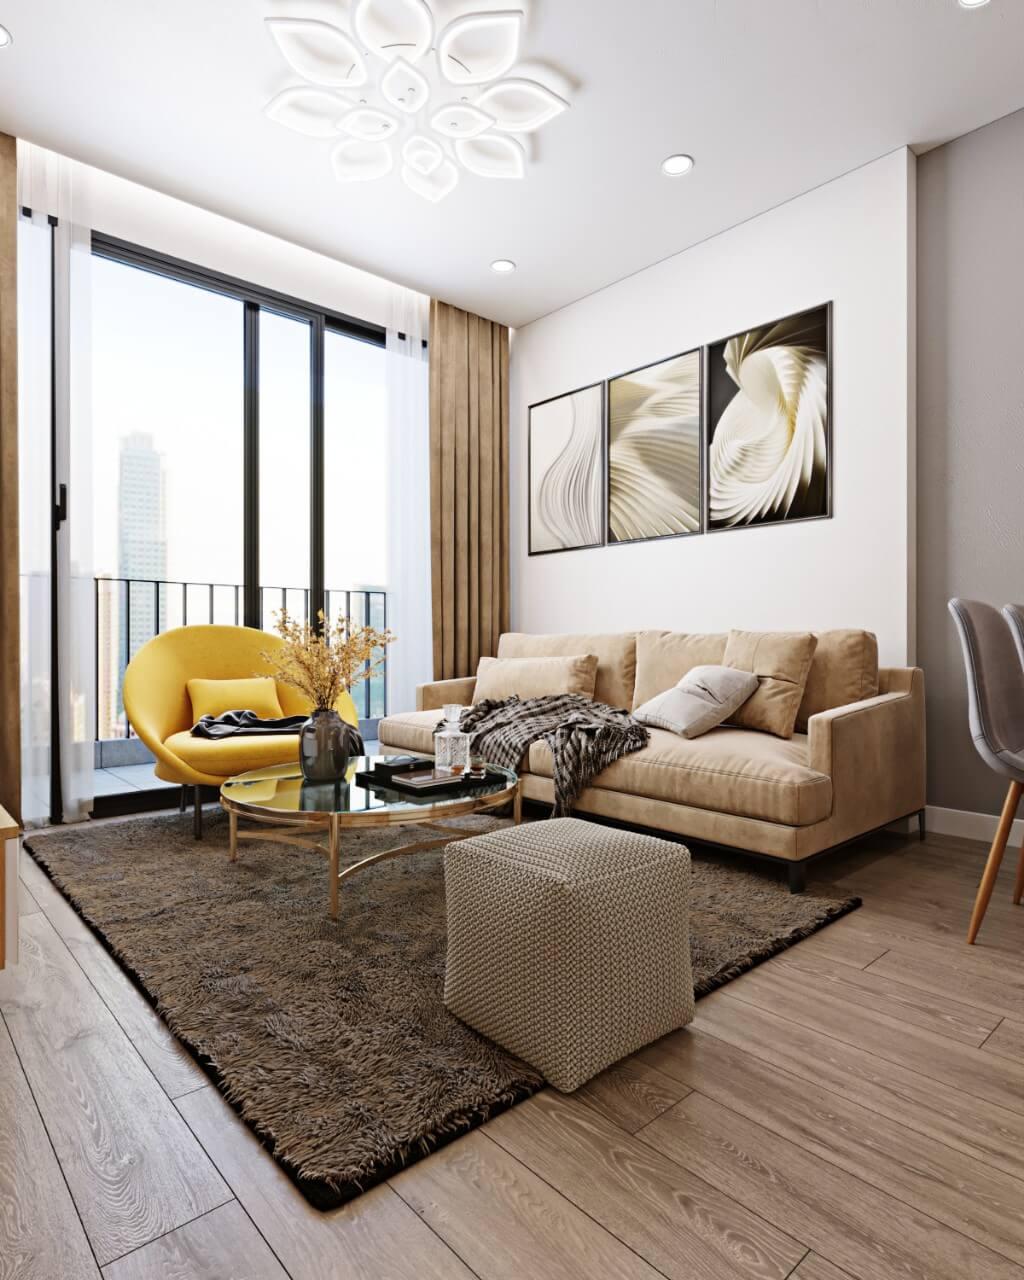 Một số mẫu thiết kế căn hộ chung cư 50m2 đẹp, tiện nghi 4